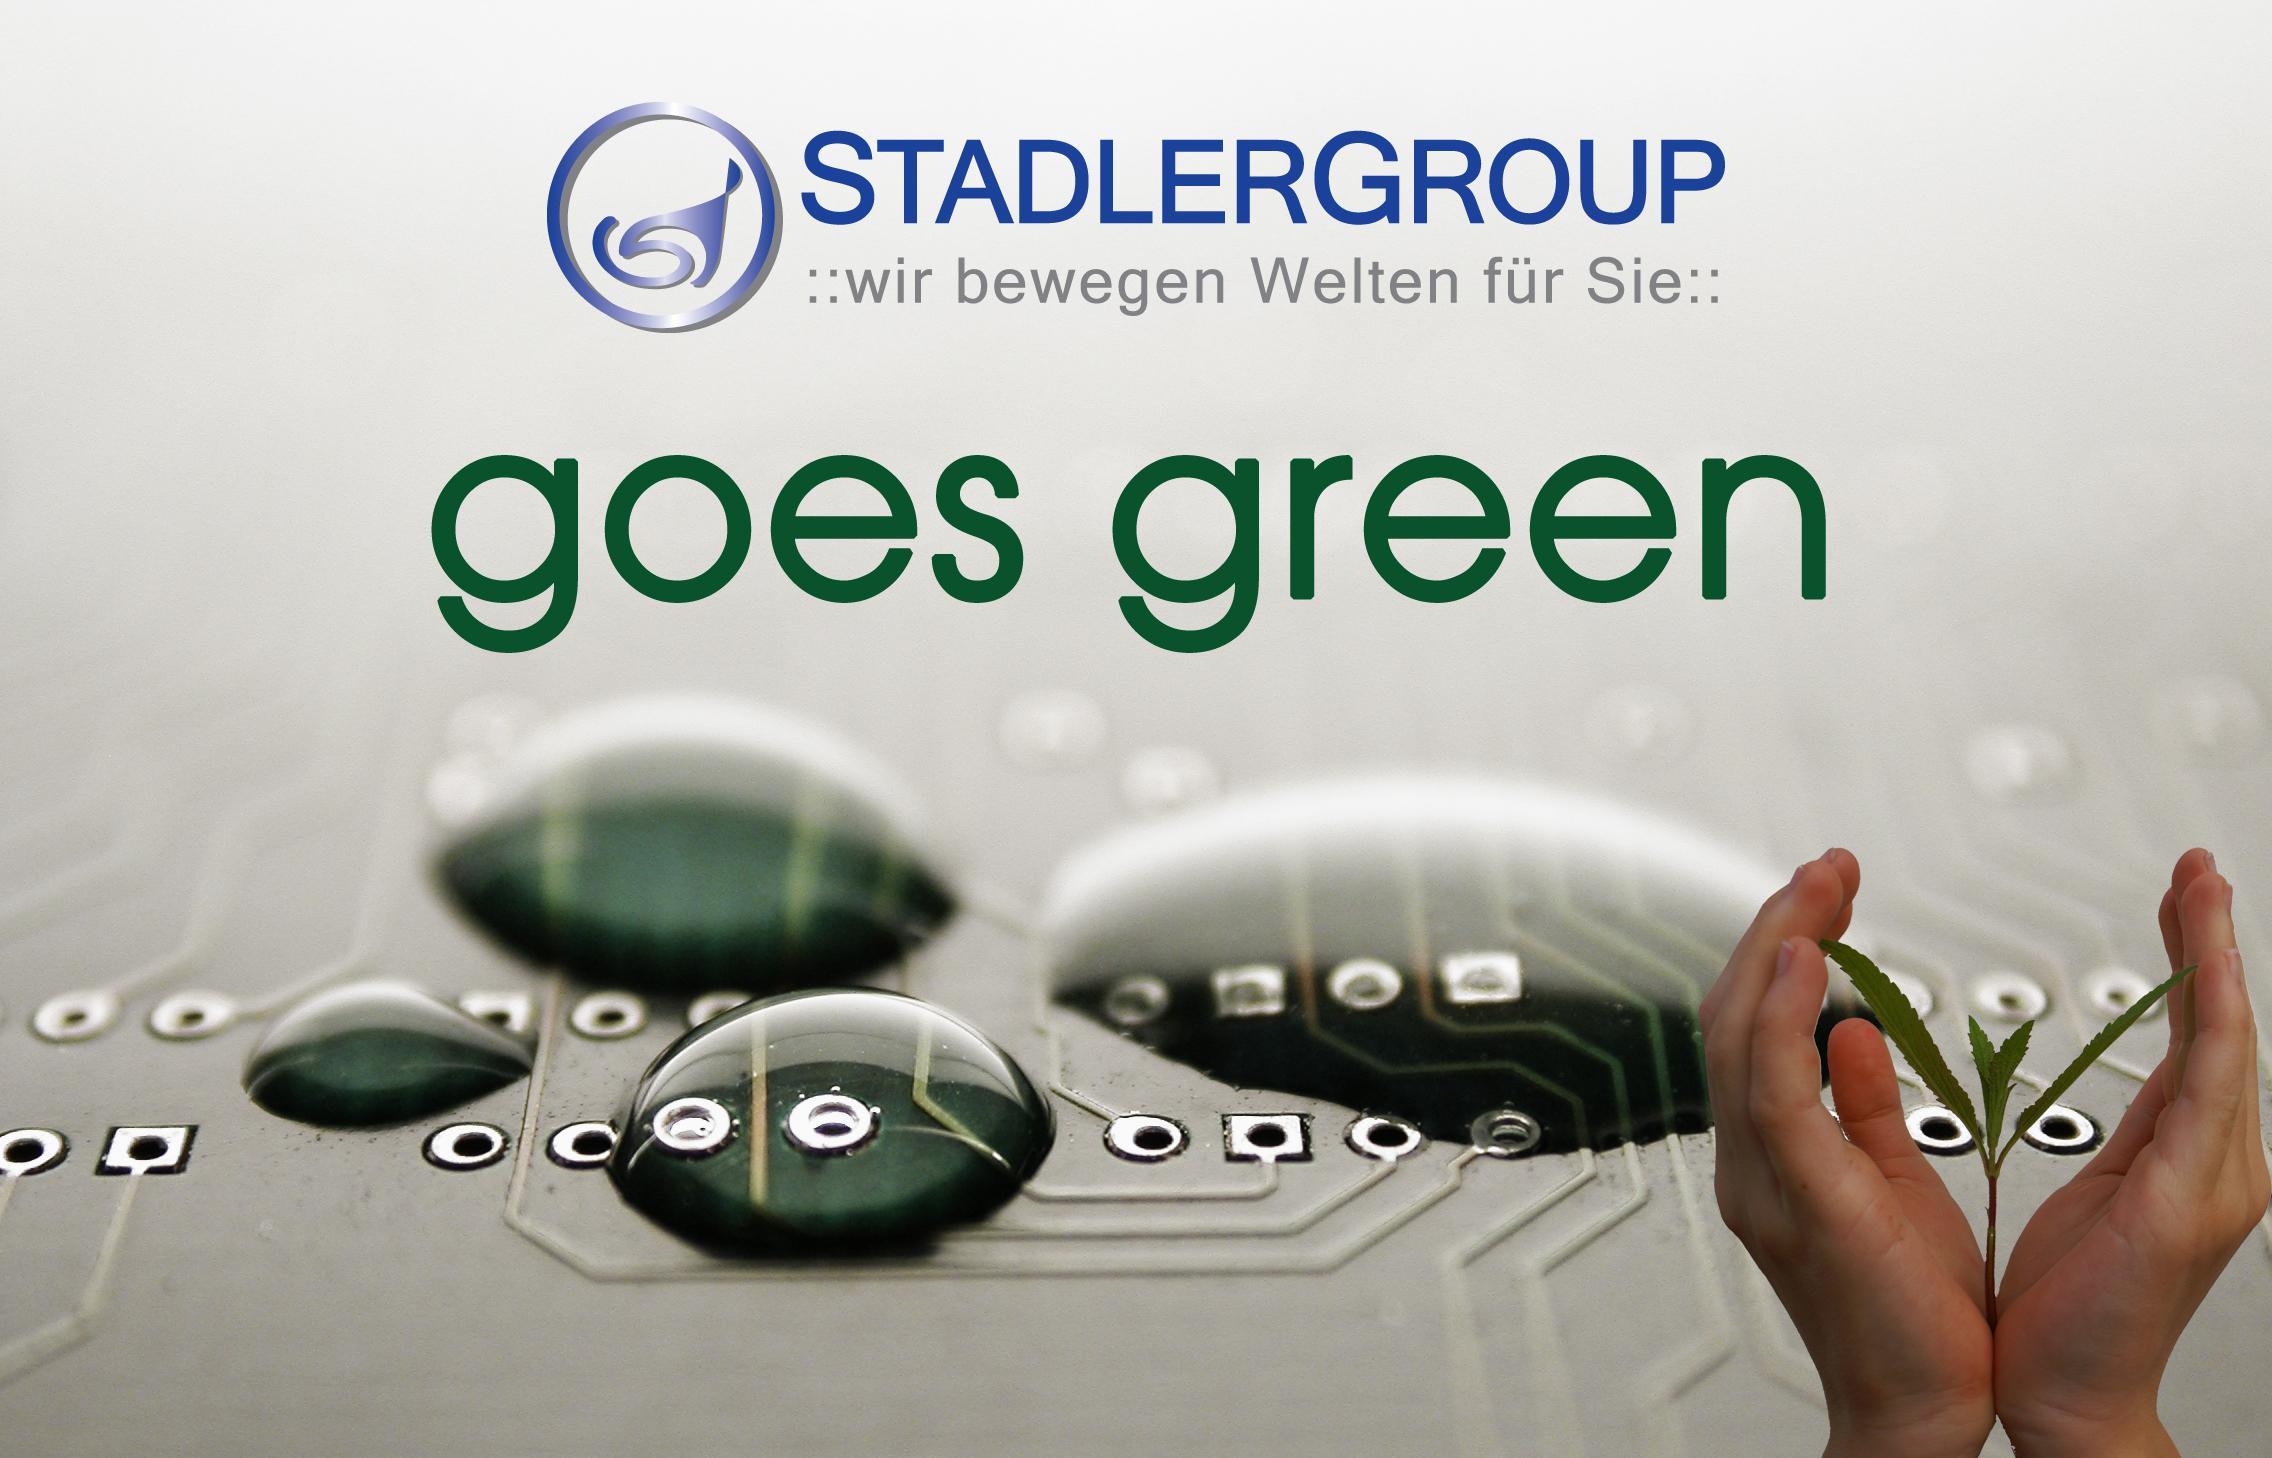 Stadlergroup goes green